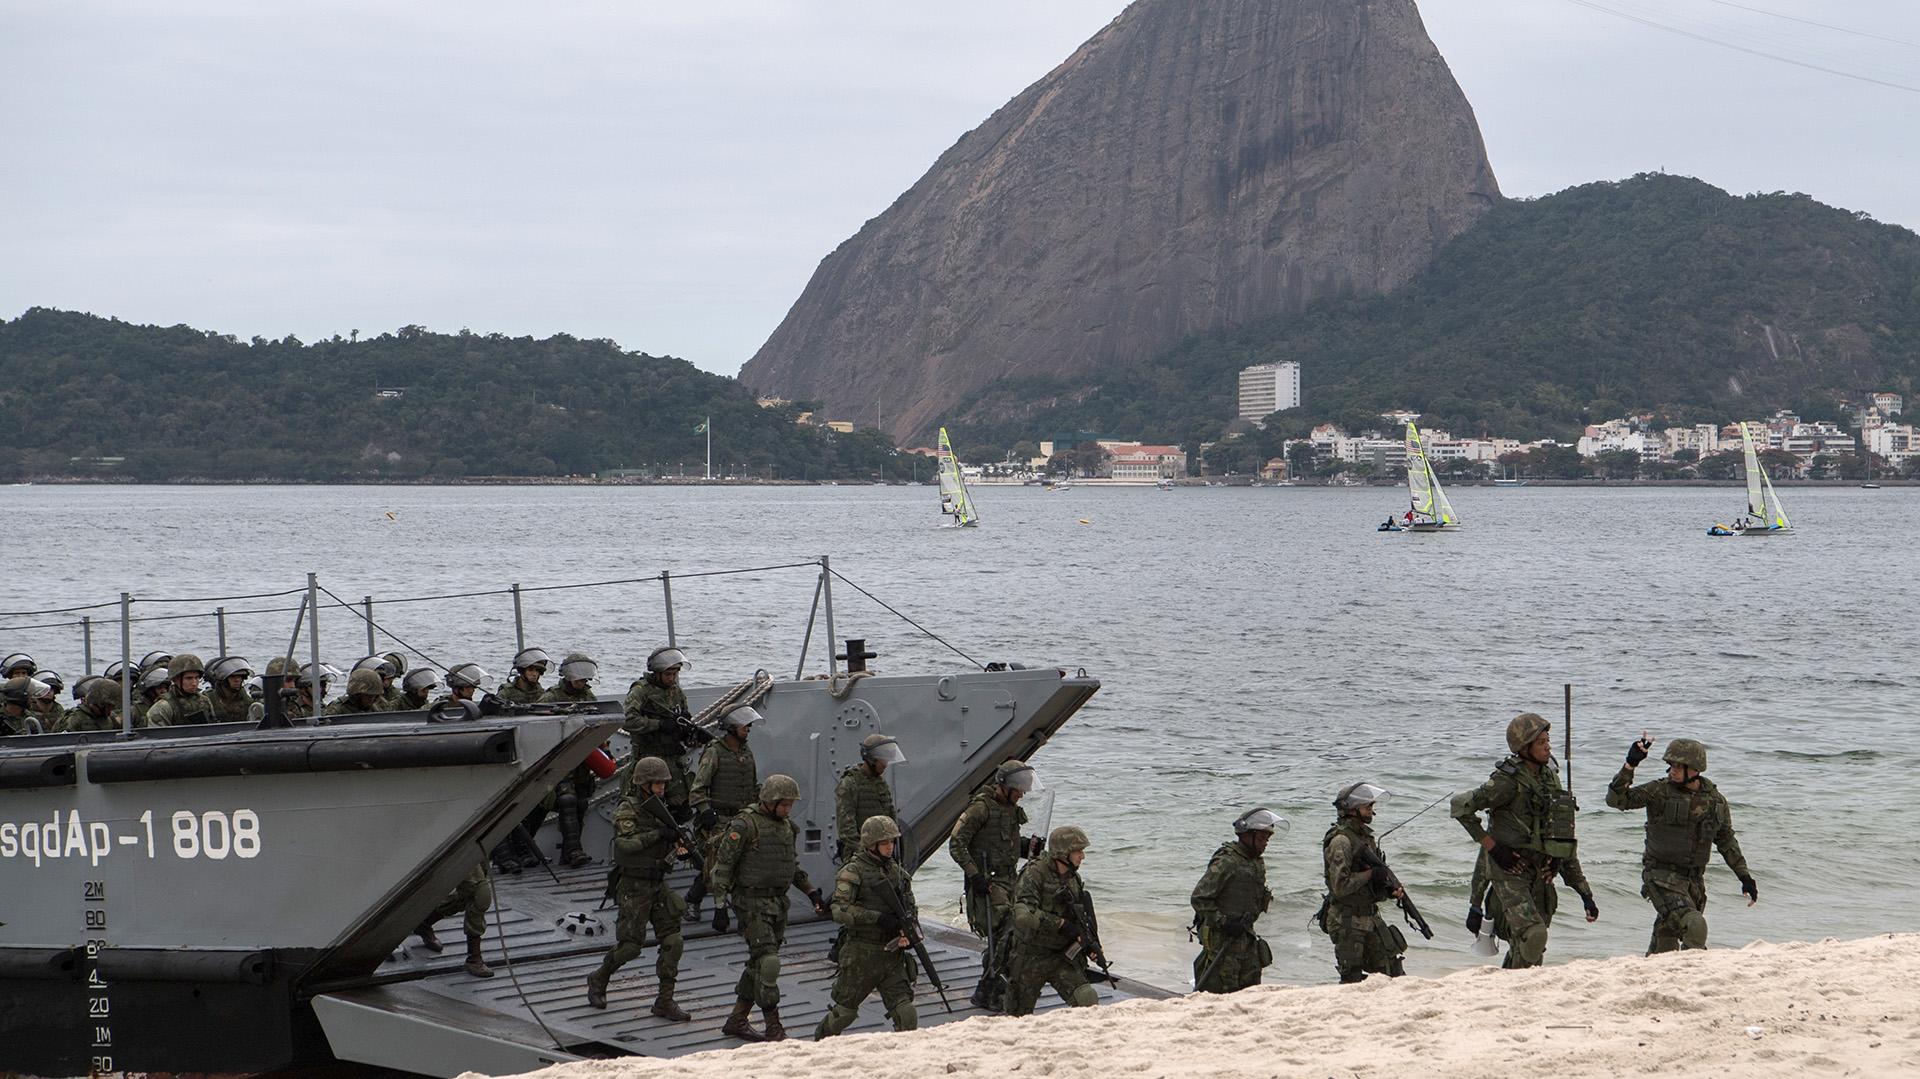 En Brasil, se intensificaron los simulacros luego de que la Agencia de Inteligencia informó que un grupo llamado Ansar al-Khilafah Brazil declaró su apoyo al ISIS(AFP )